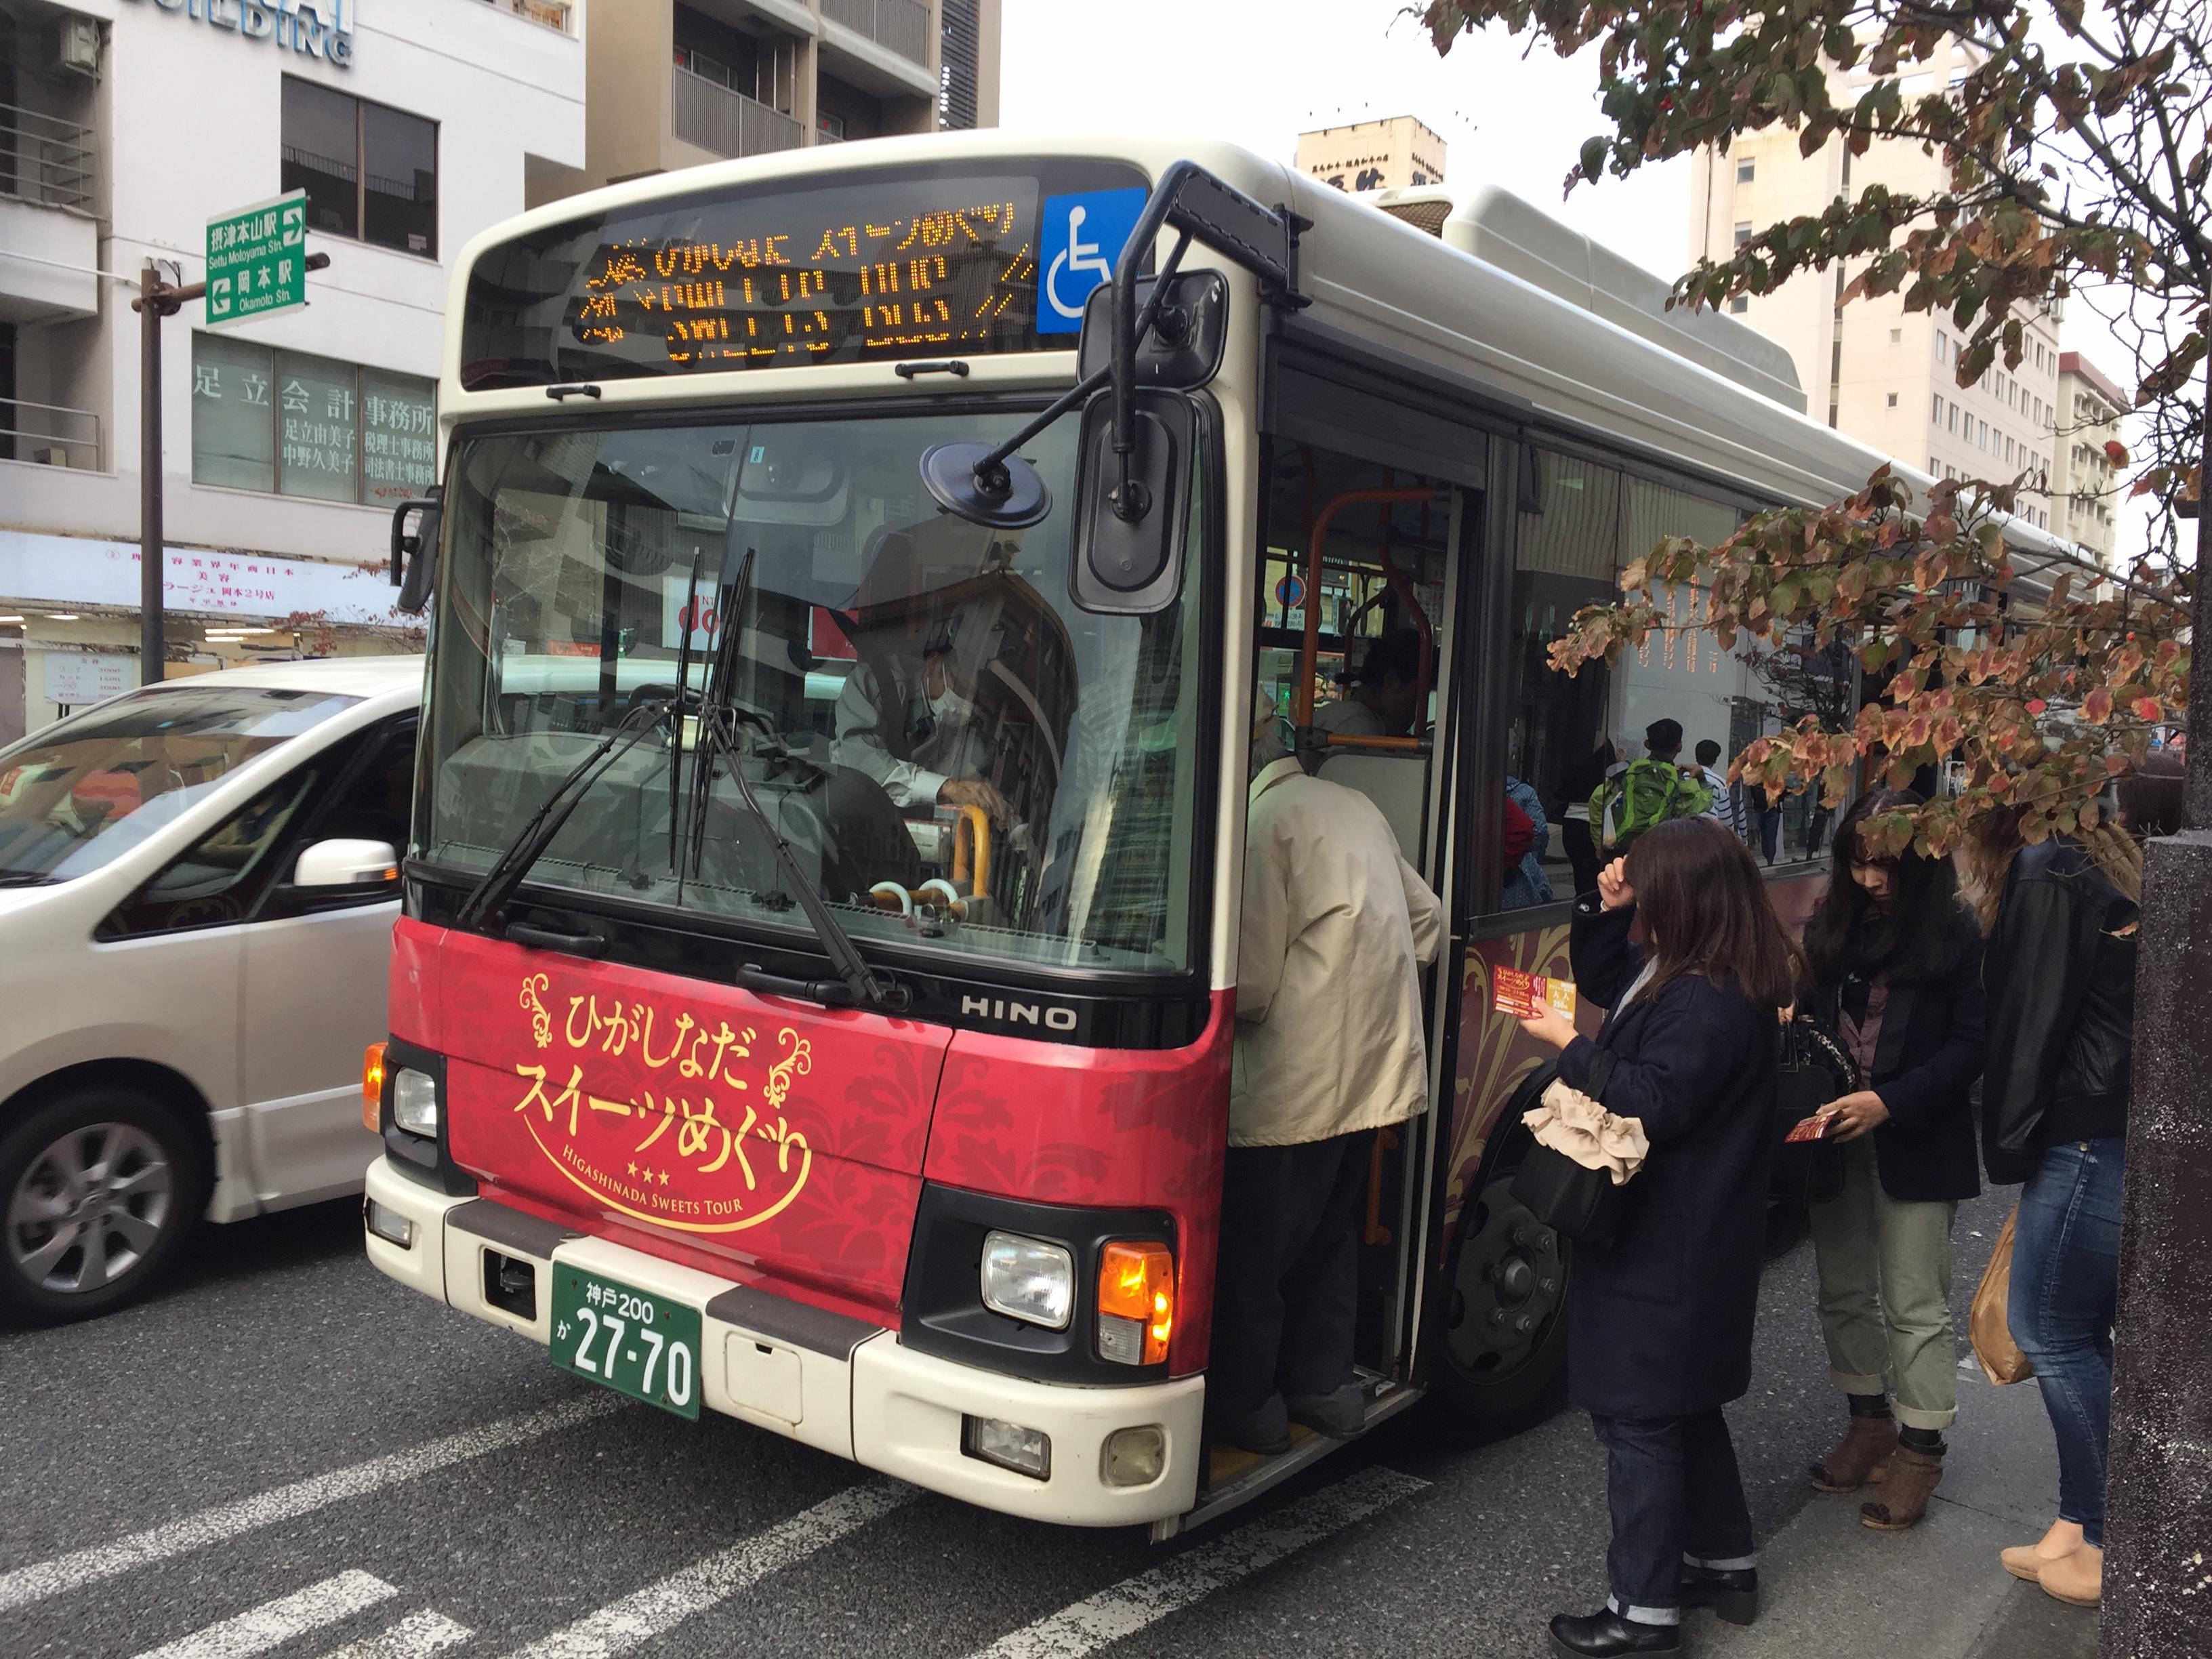 「ひがしなだスイーツめぐり 2016」が今年も10月15日(土)から開催したよ!【※バス写真追加更新あり※】